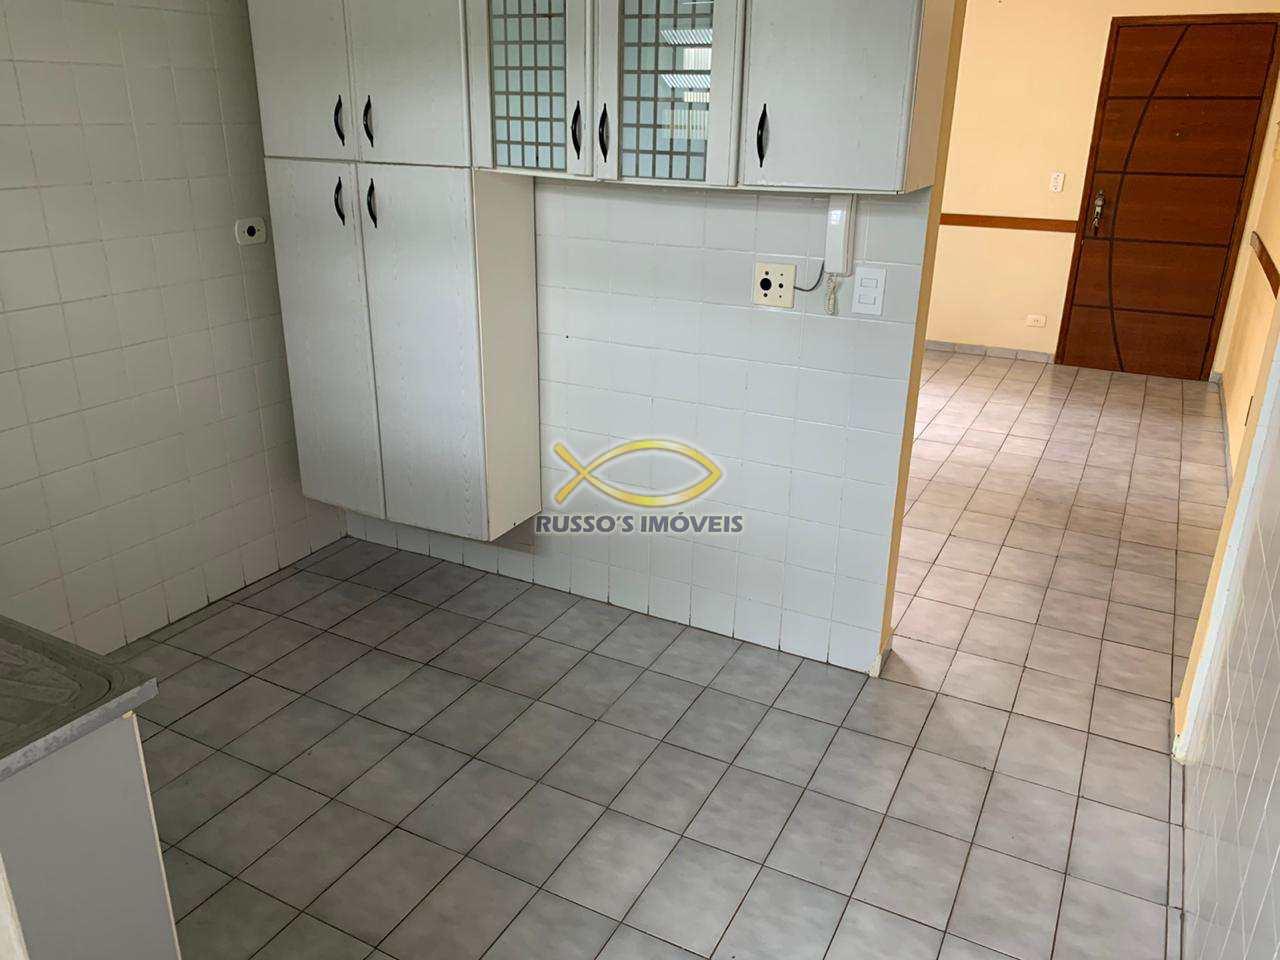 Apartamento com 1 dorm, Guilhermina, Praia Grande - R$ 138 mil, Cod: 60019974